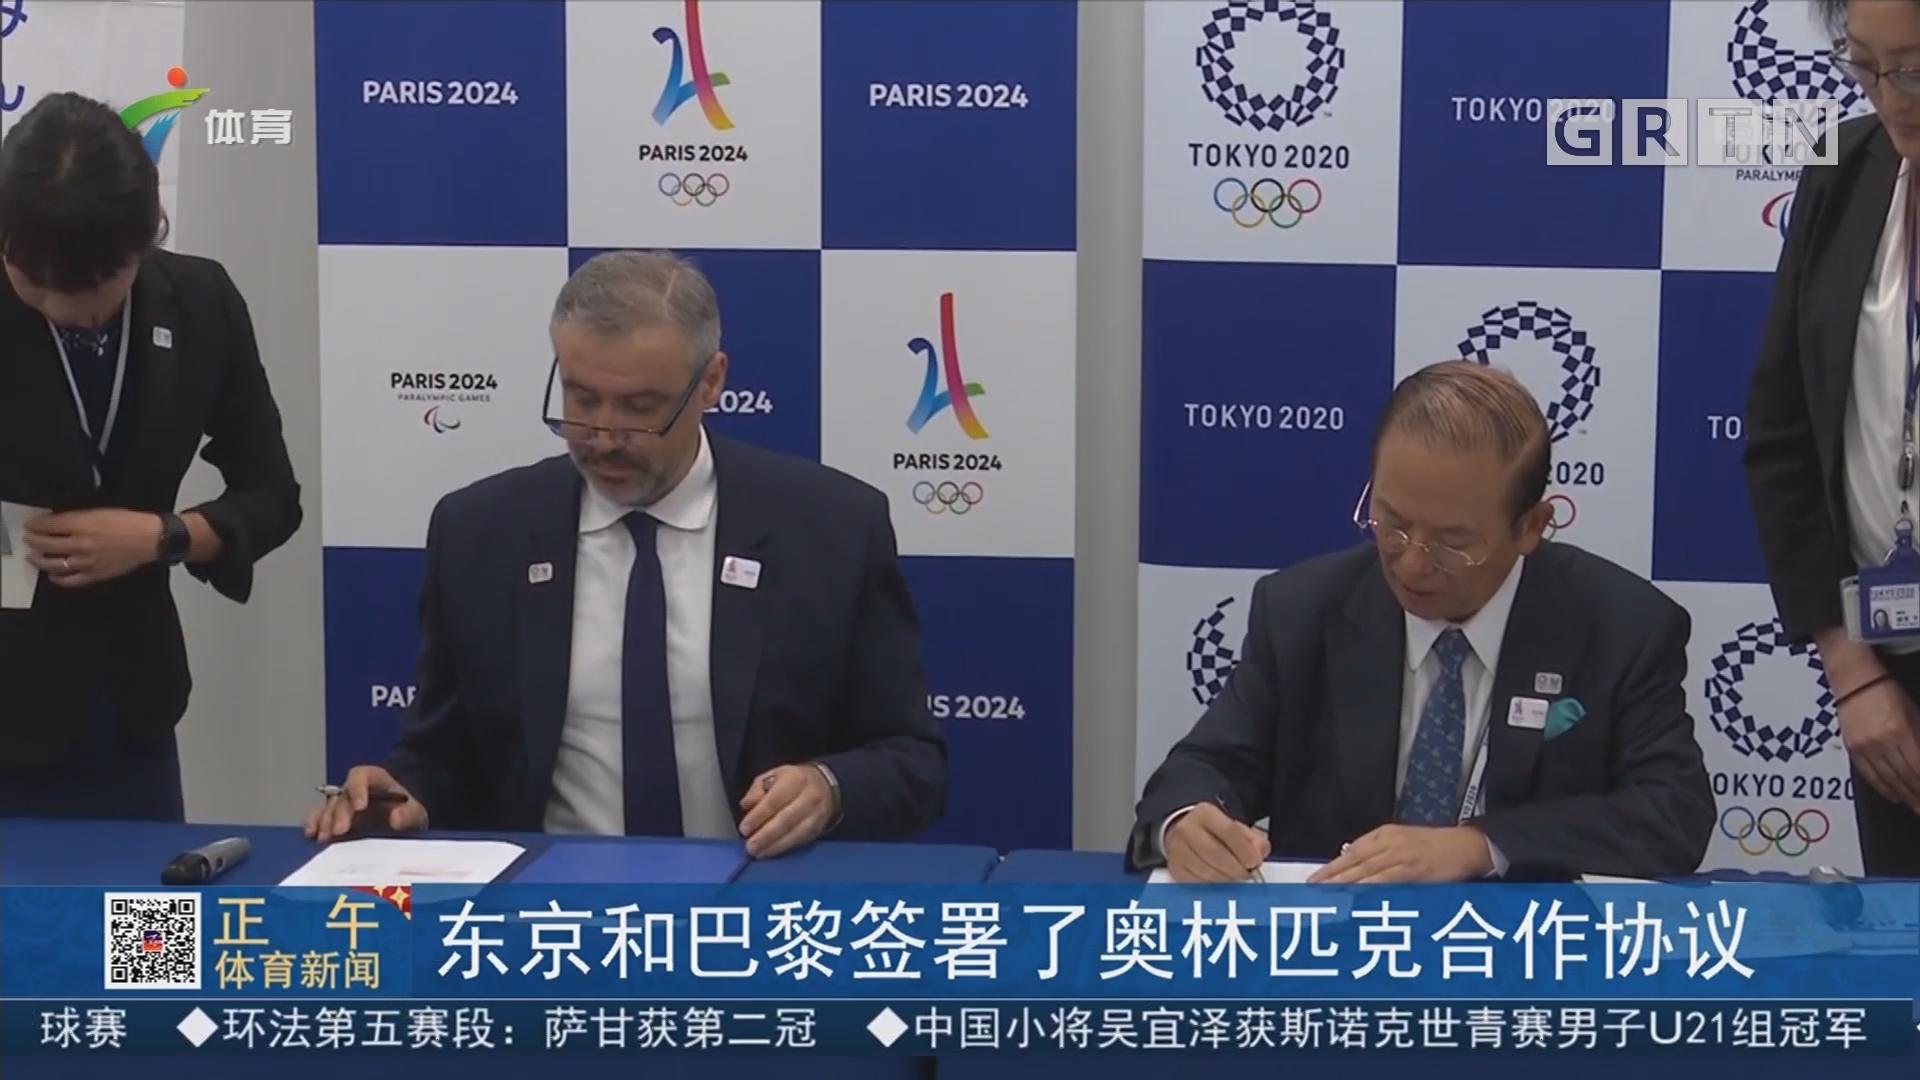 东京和巴黎签署了奥林匹克合作协议